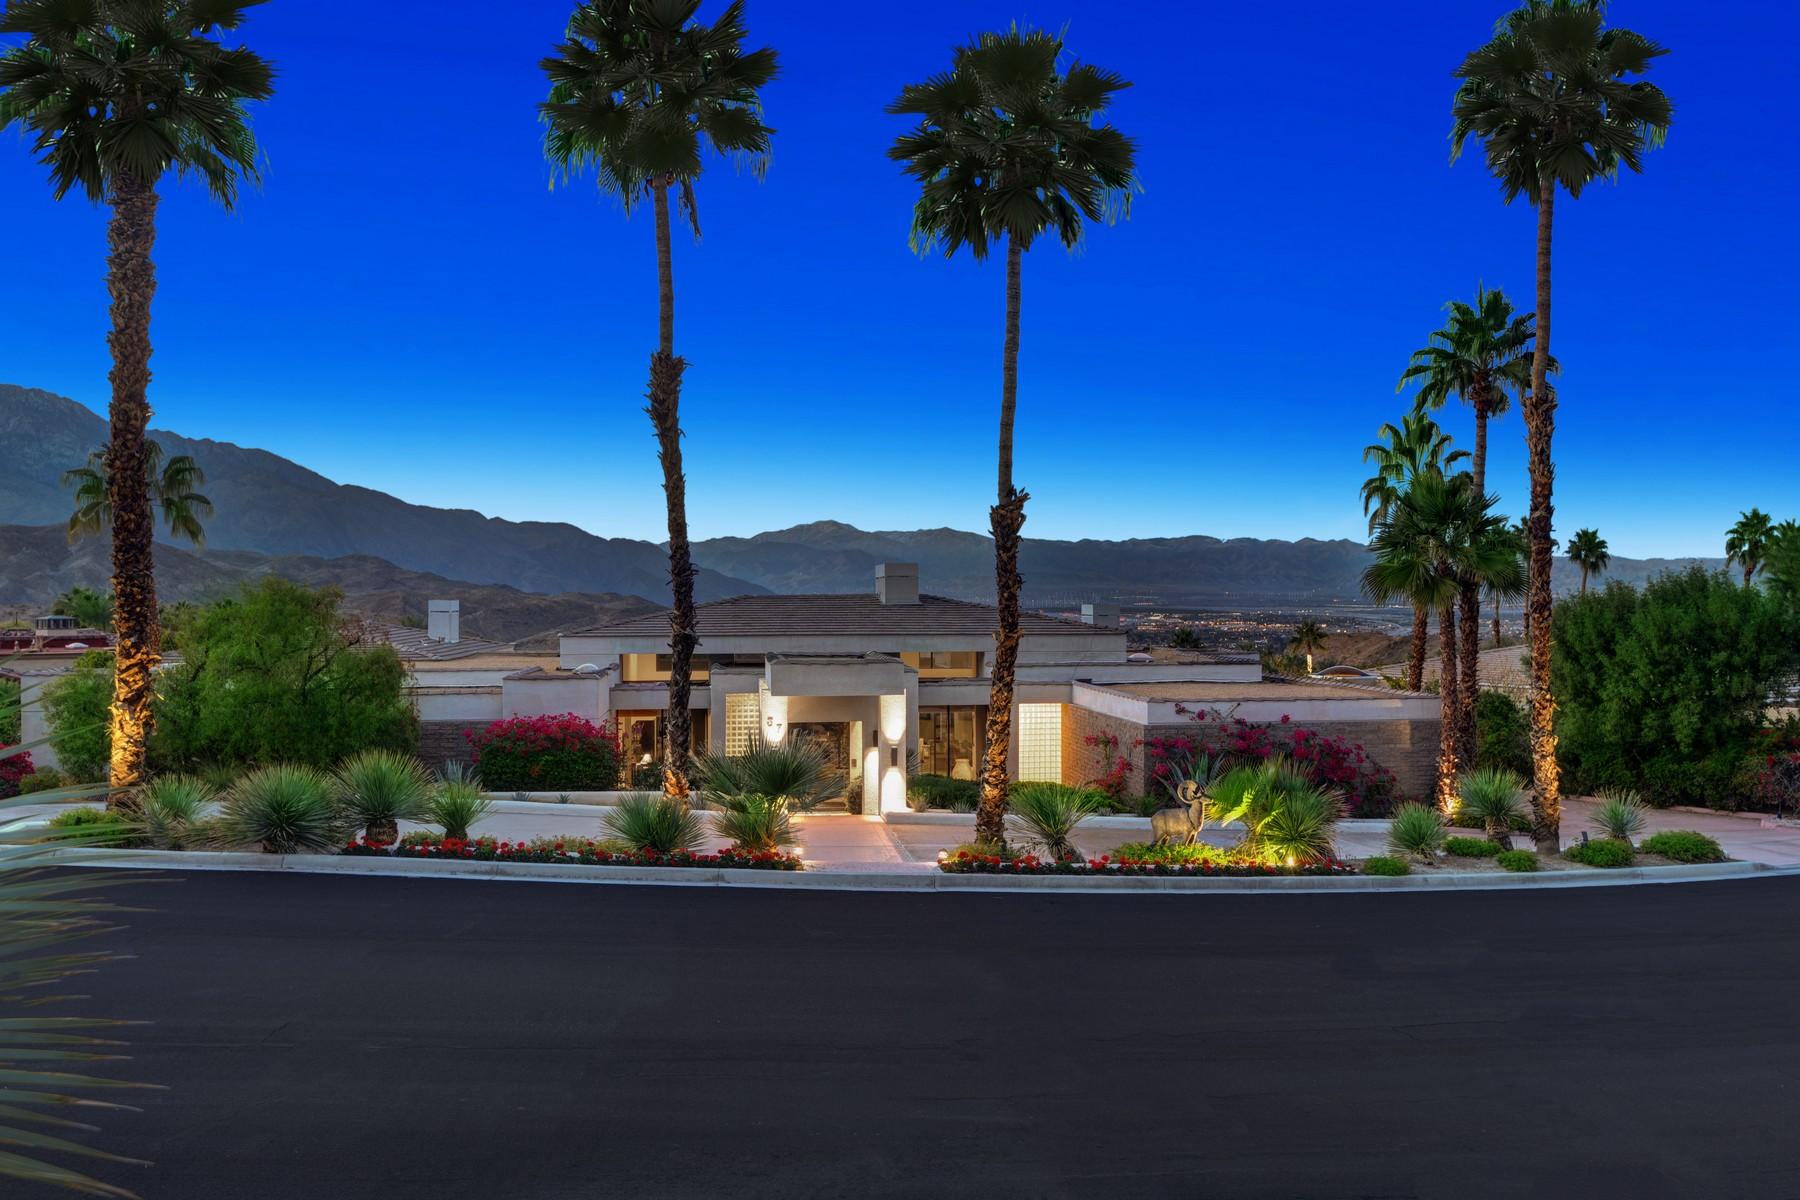 Single Family Homes for Active at 37 Mirada Cir Rancho Mirage, California 92270 United States